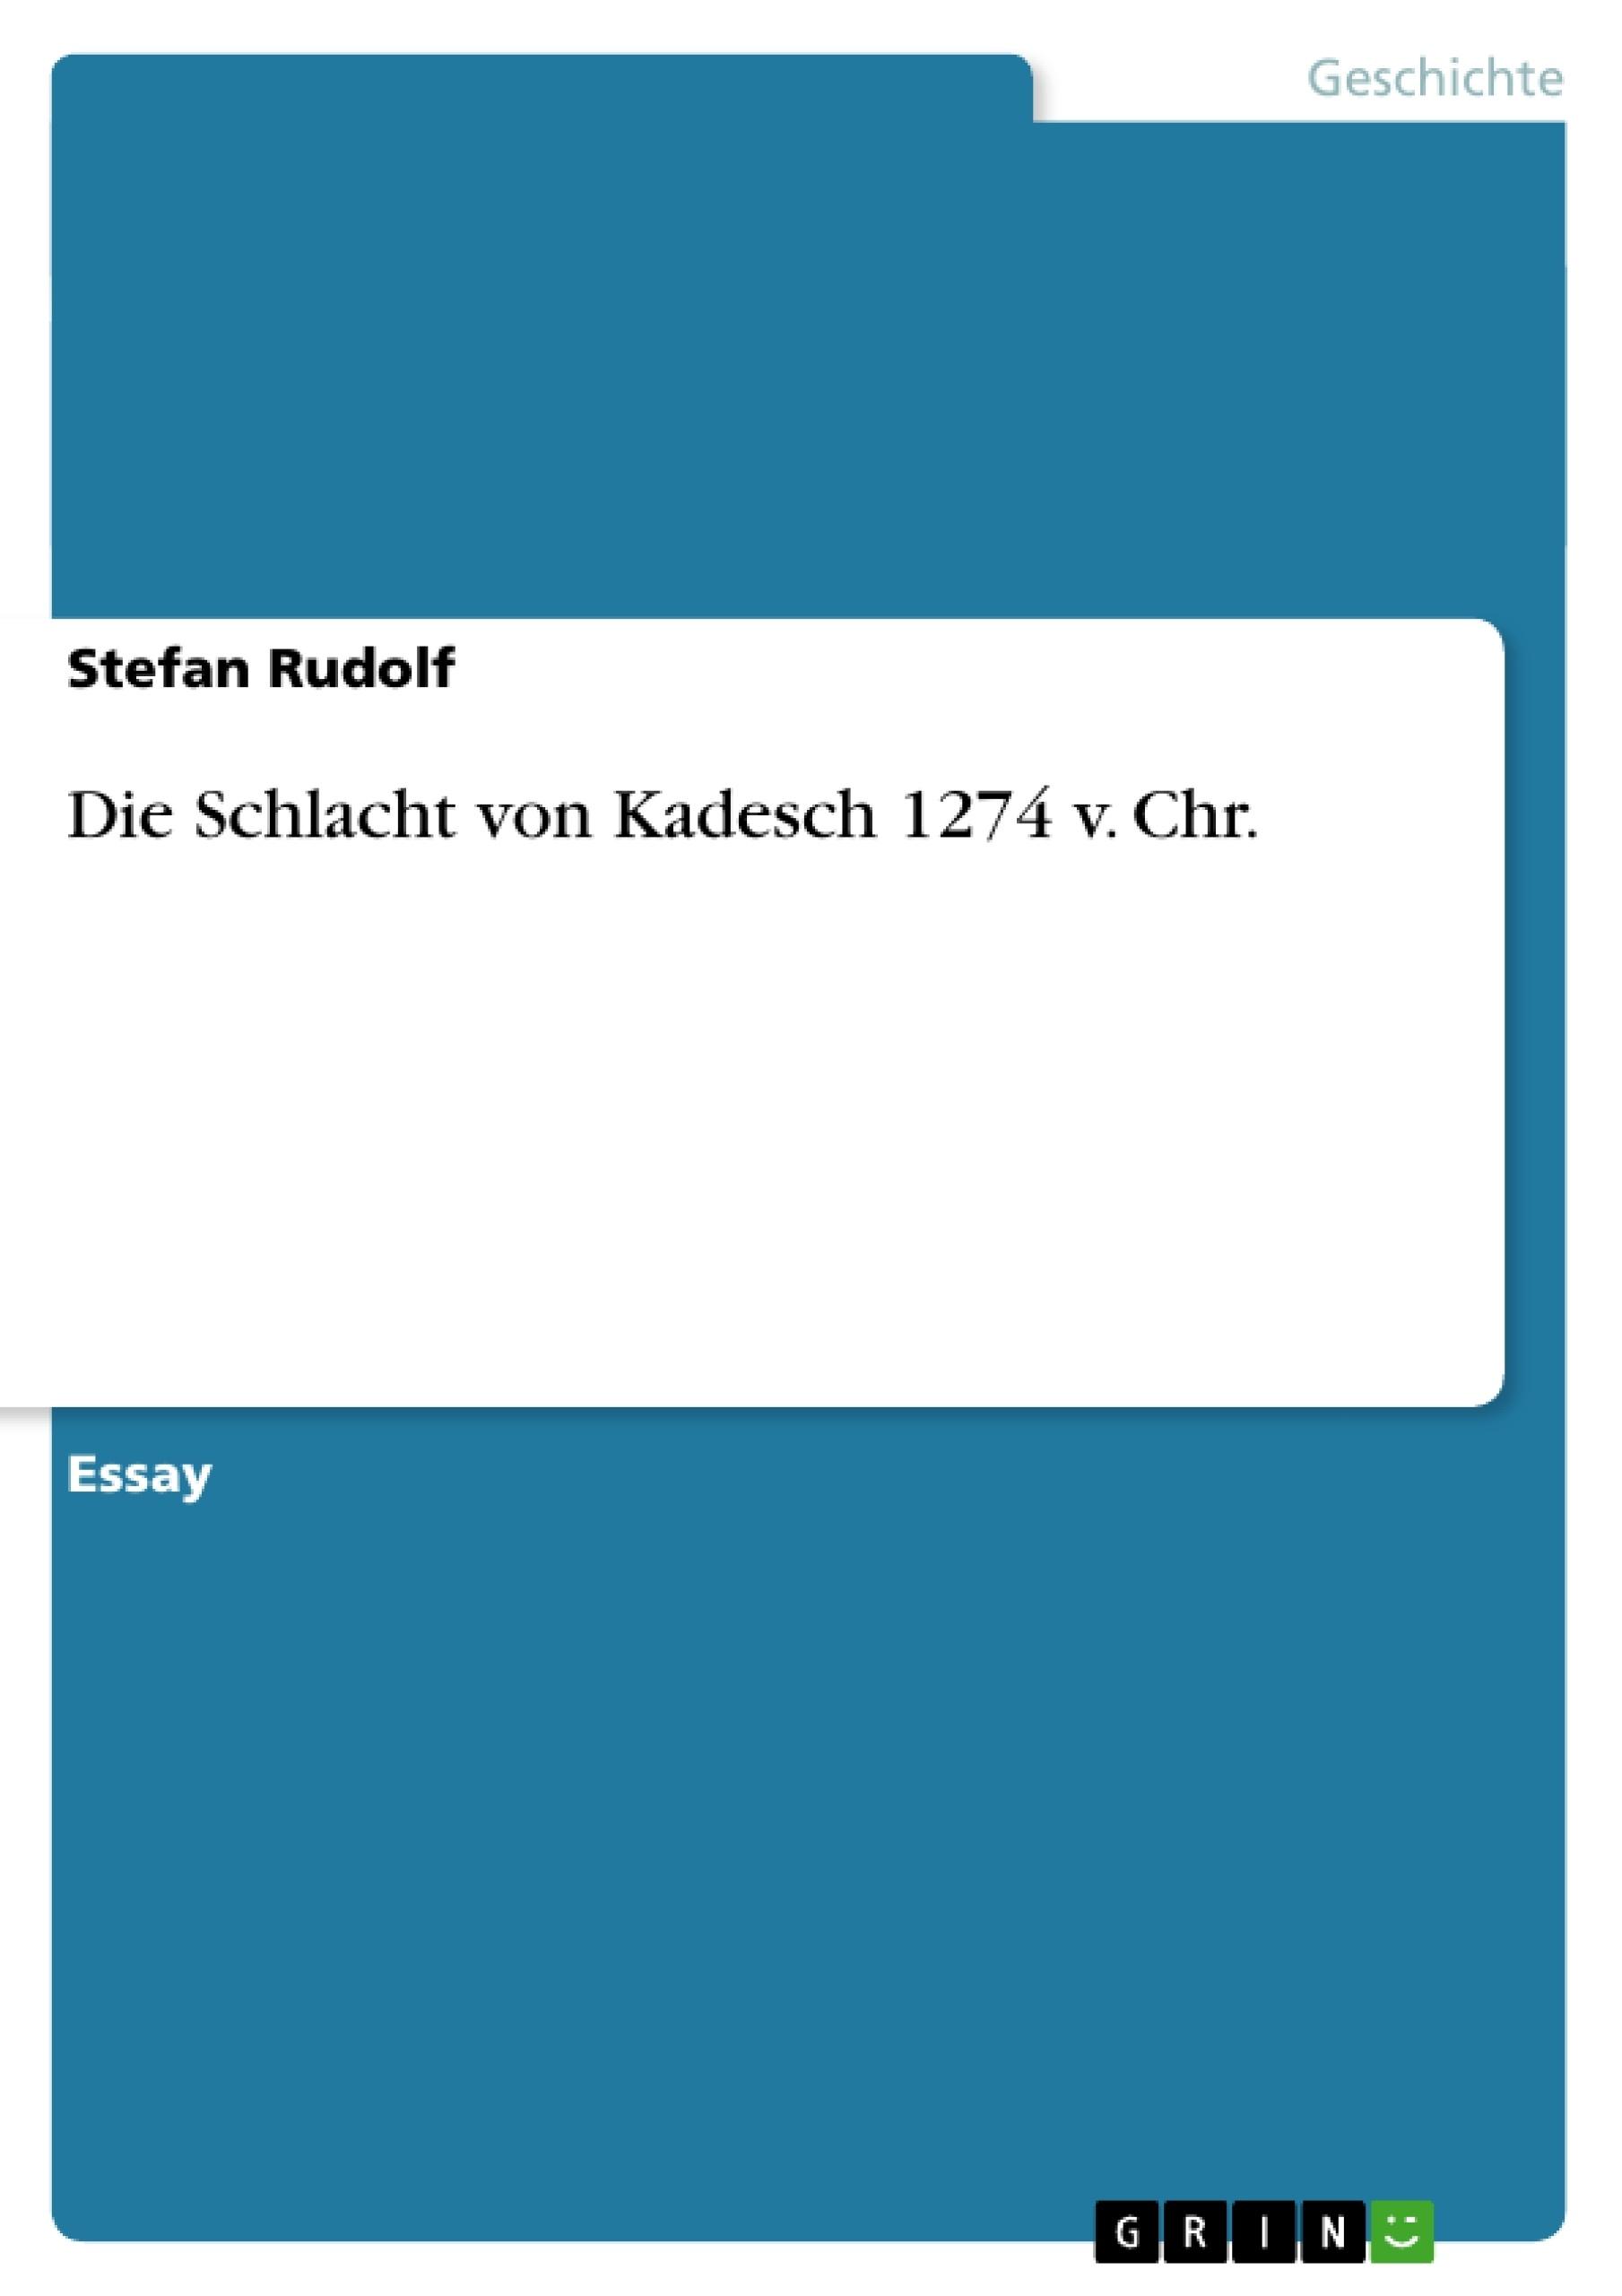 Titel: Die Schlacht von Kadesch 1274 v. Chr.